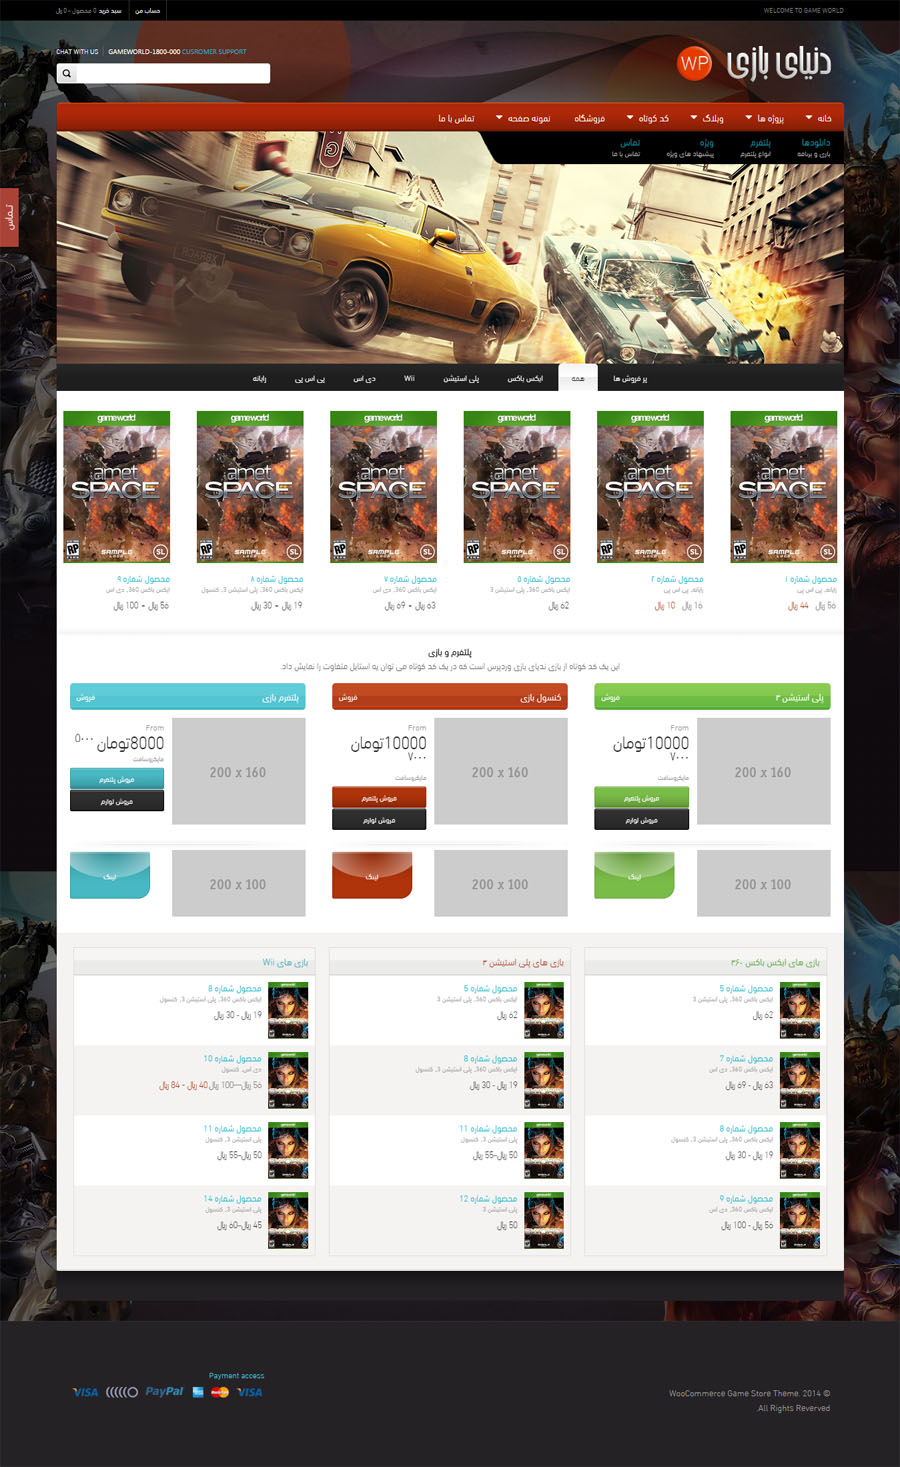 دانلود قالب وردپرس ووکامرس گیمینگ GameWorld فارسی پوسته قالب فارسی بازی Game World